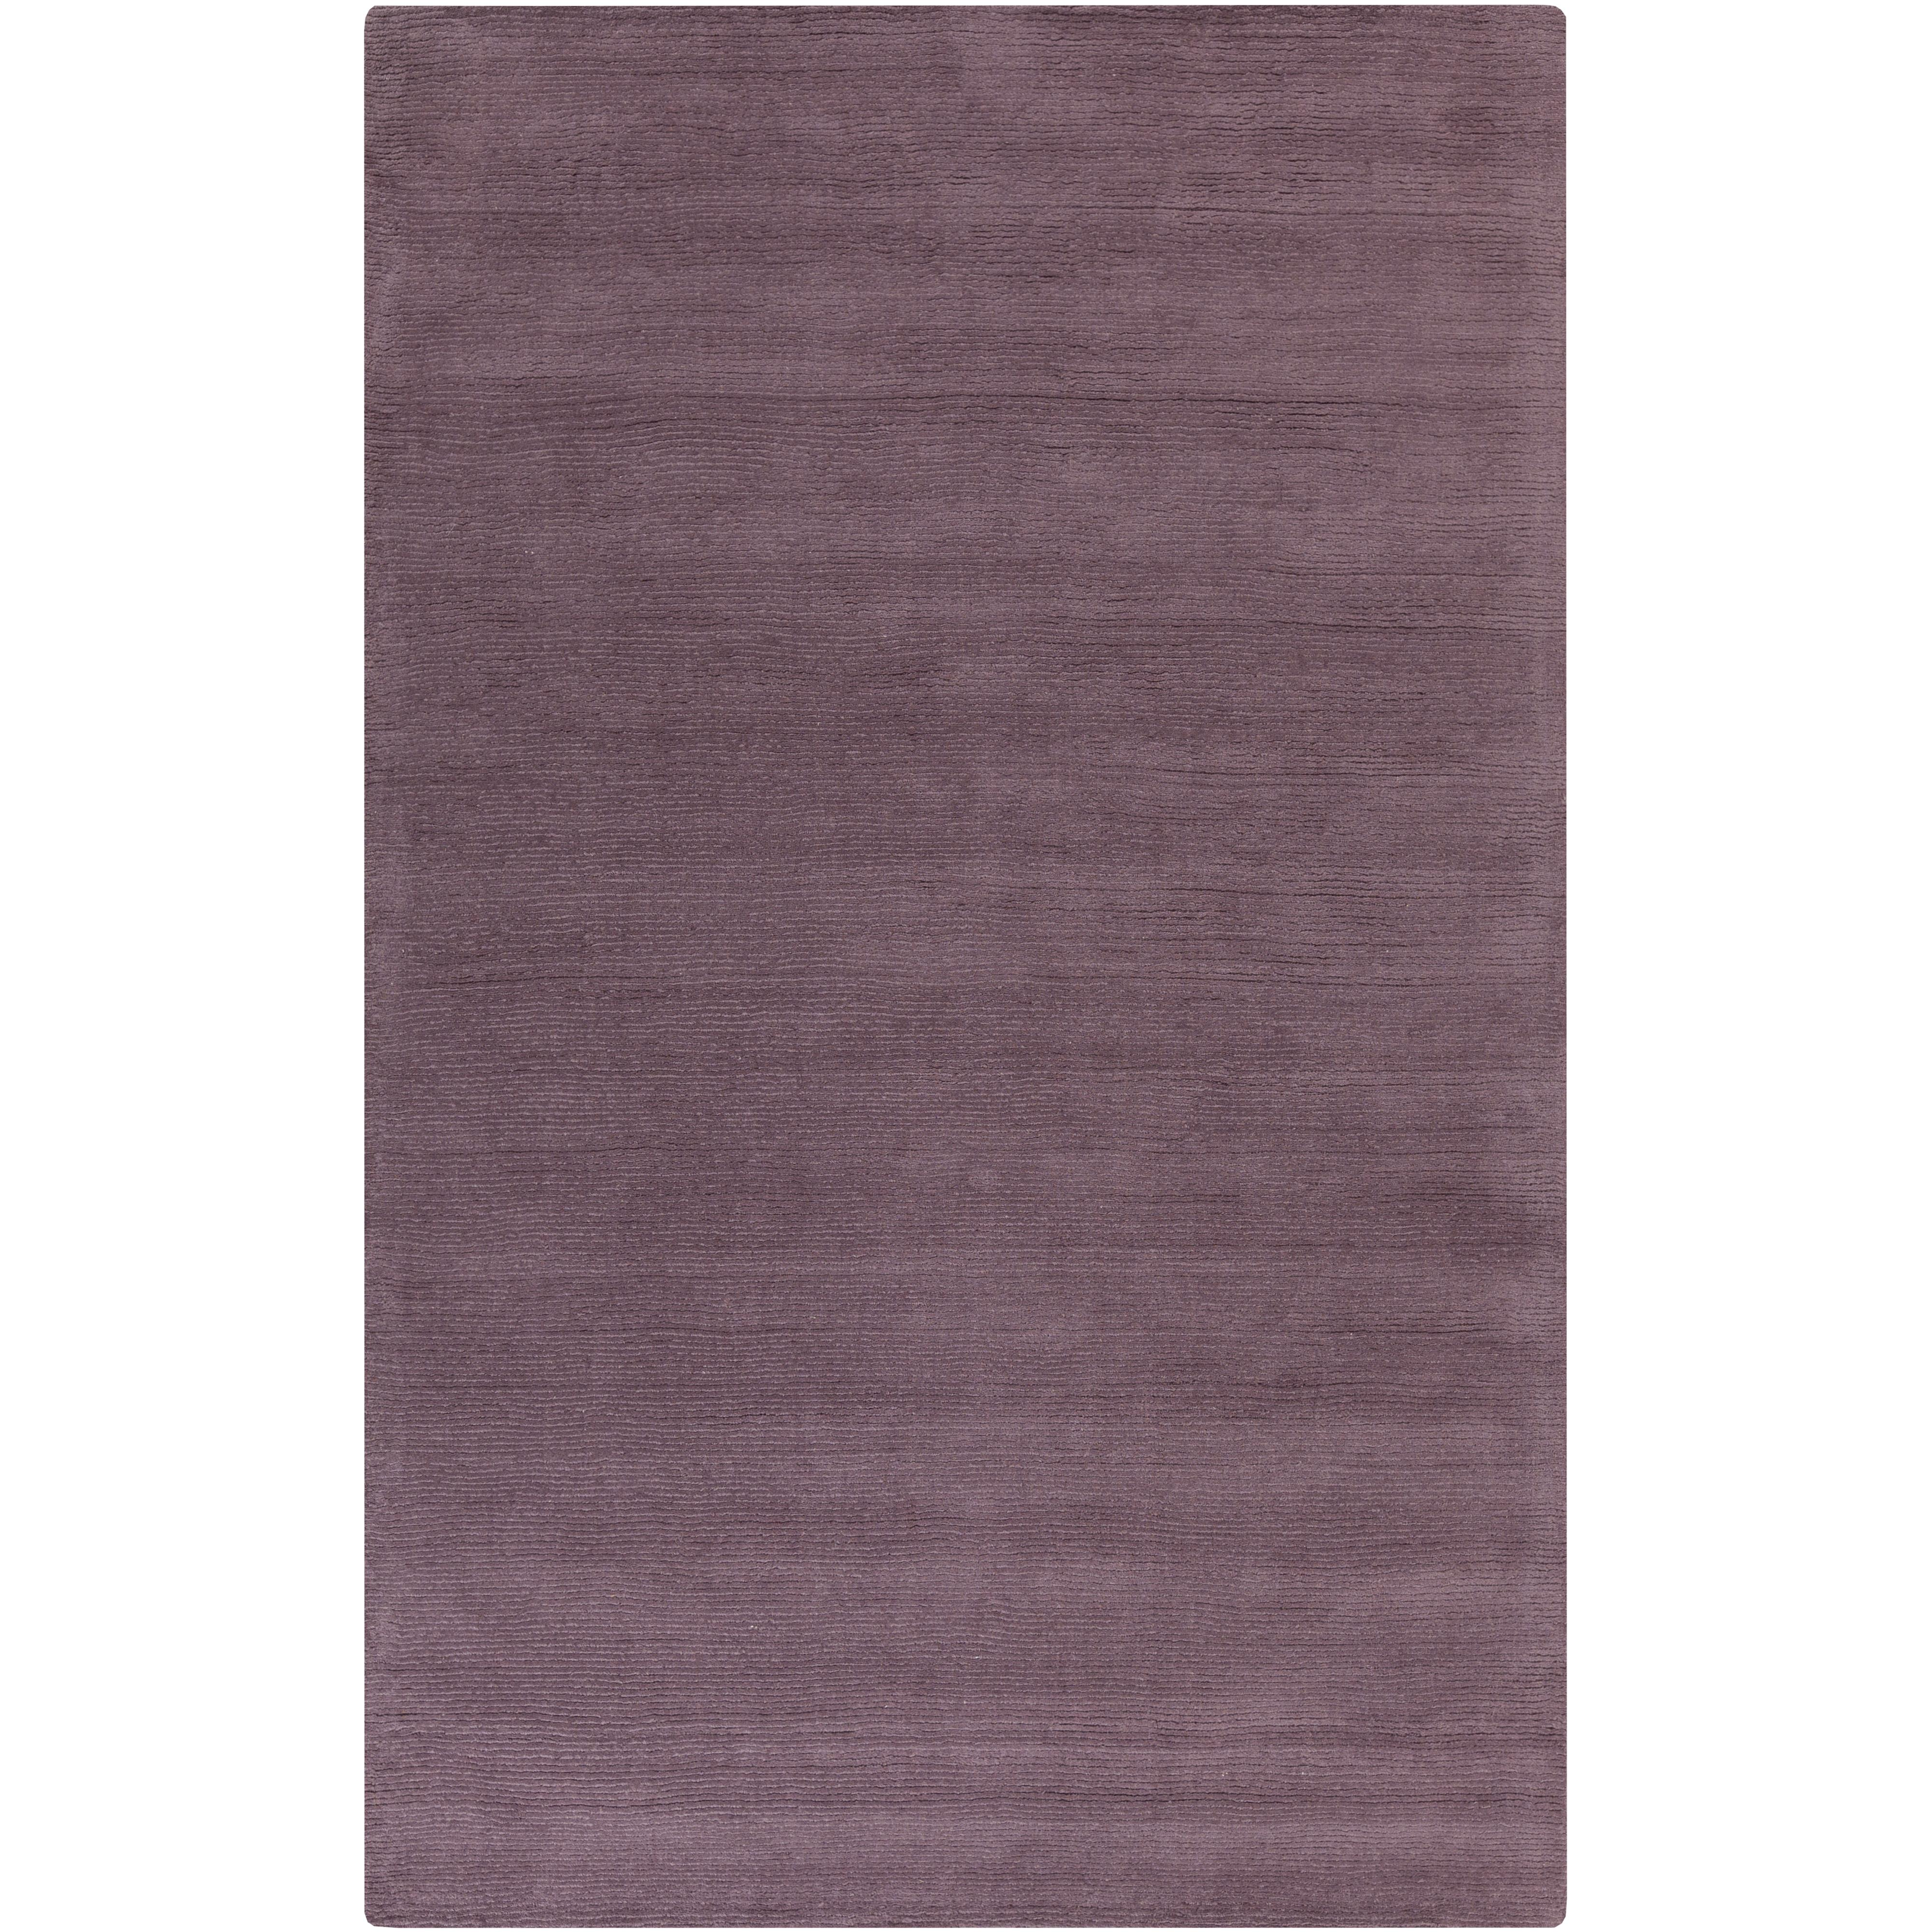 Surya Rugs Mystique 5' x 8' - Item Number: M5329-58